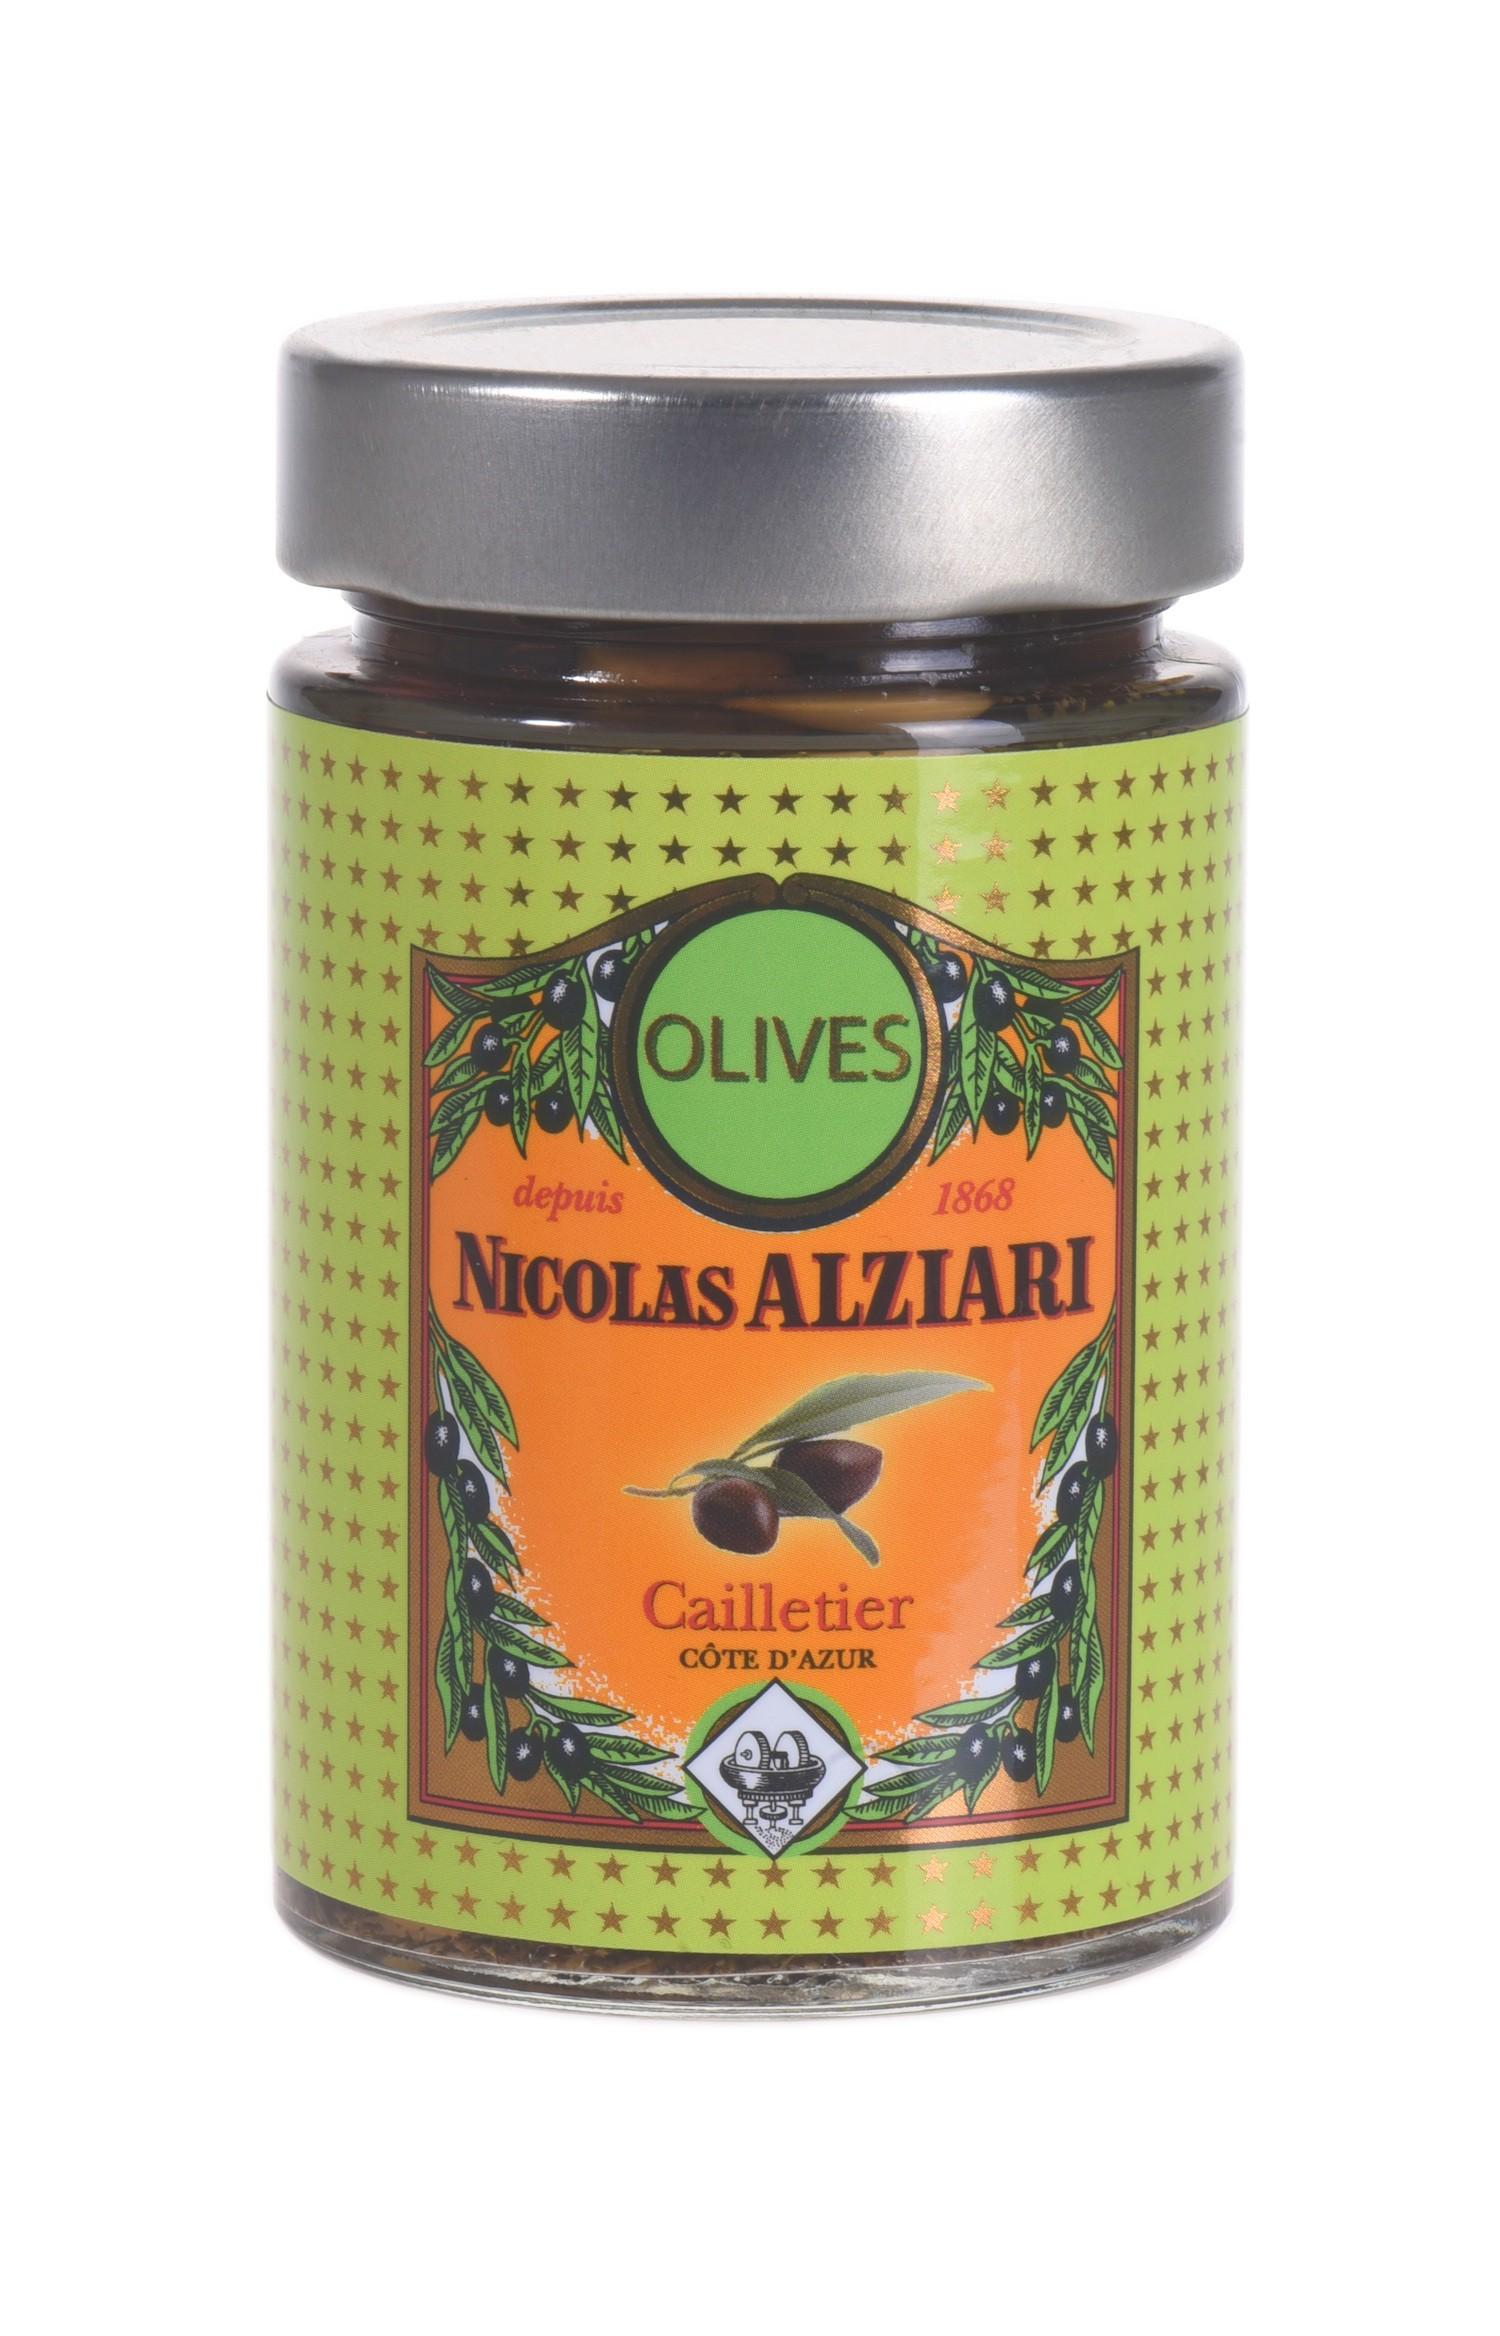 cadeau fidélité : Bocal d'olives cailletier 125 gr (Côte d'Azur)